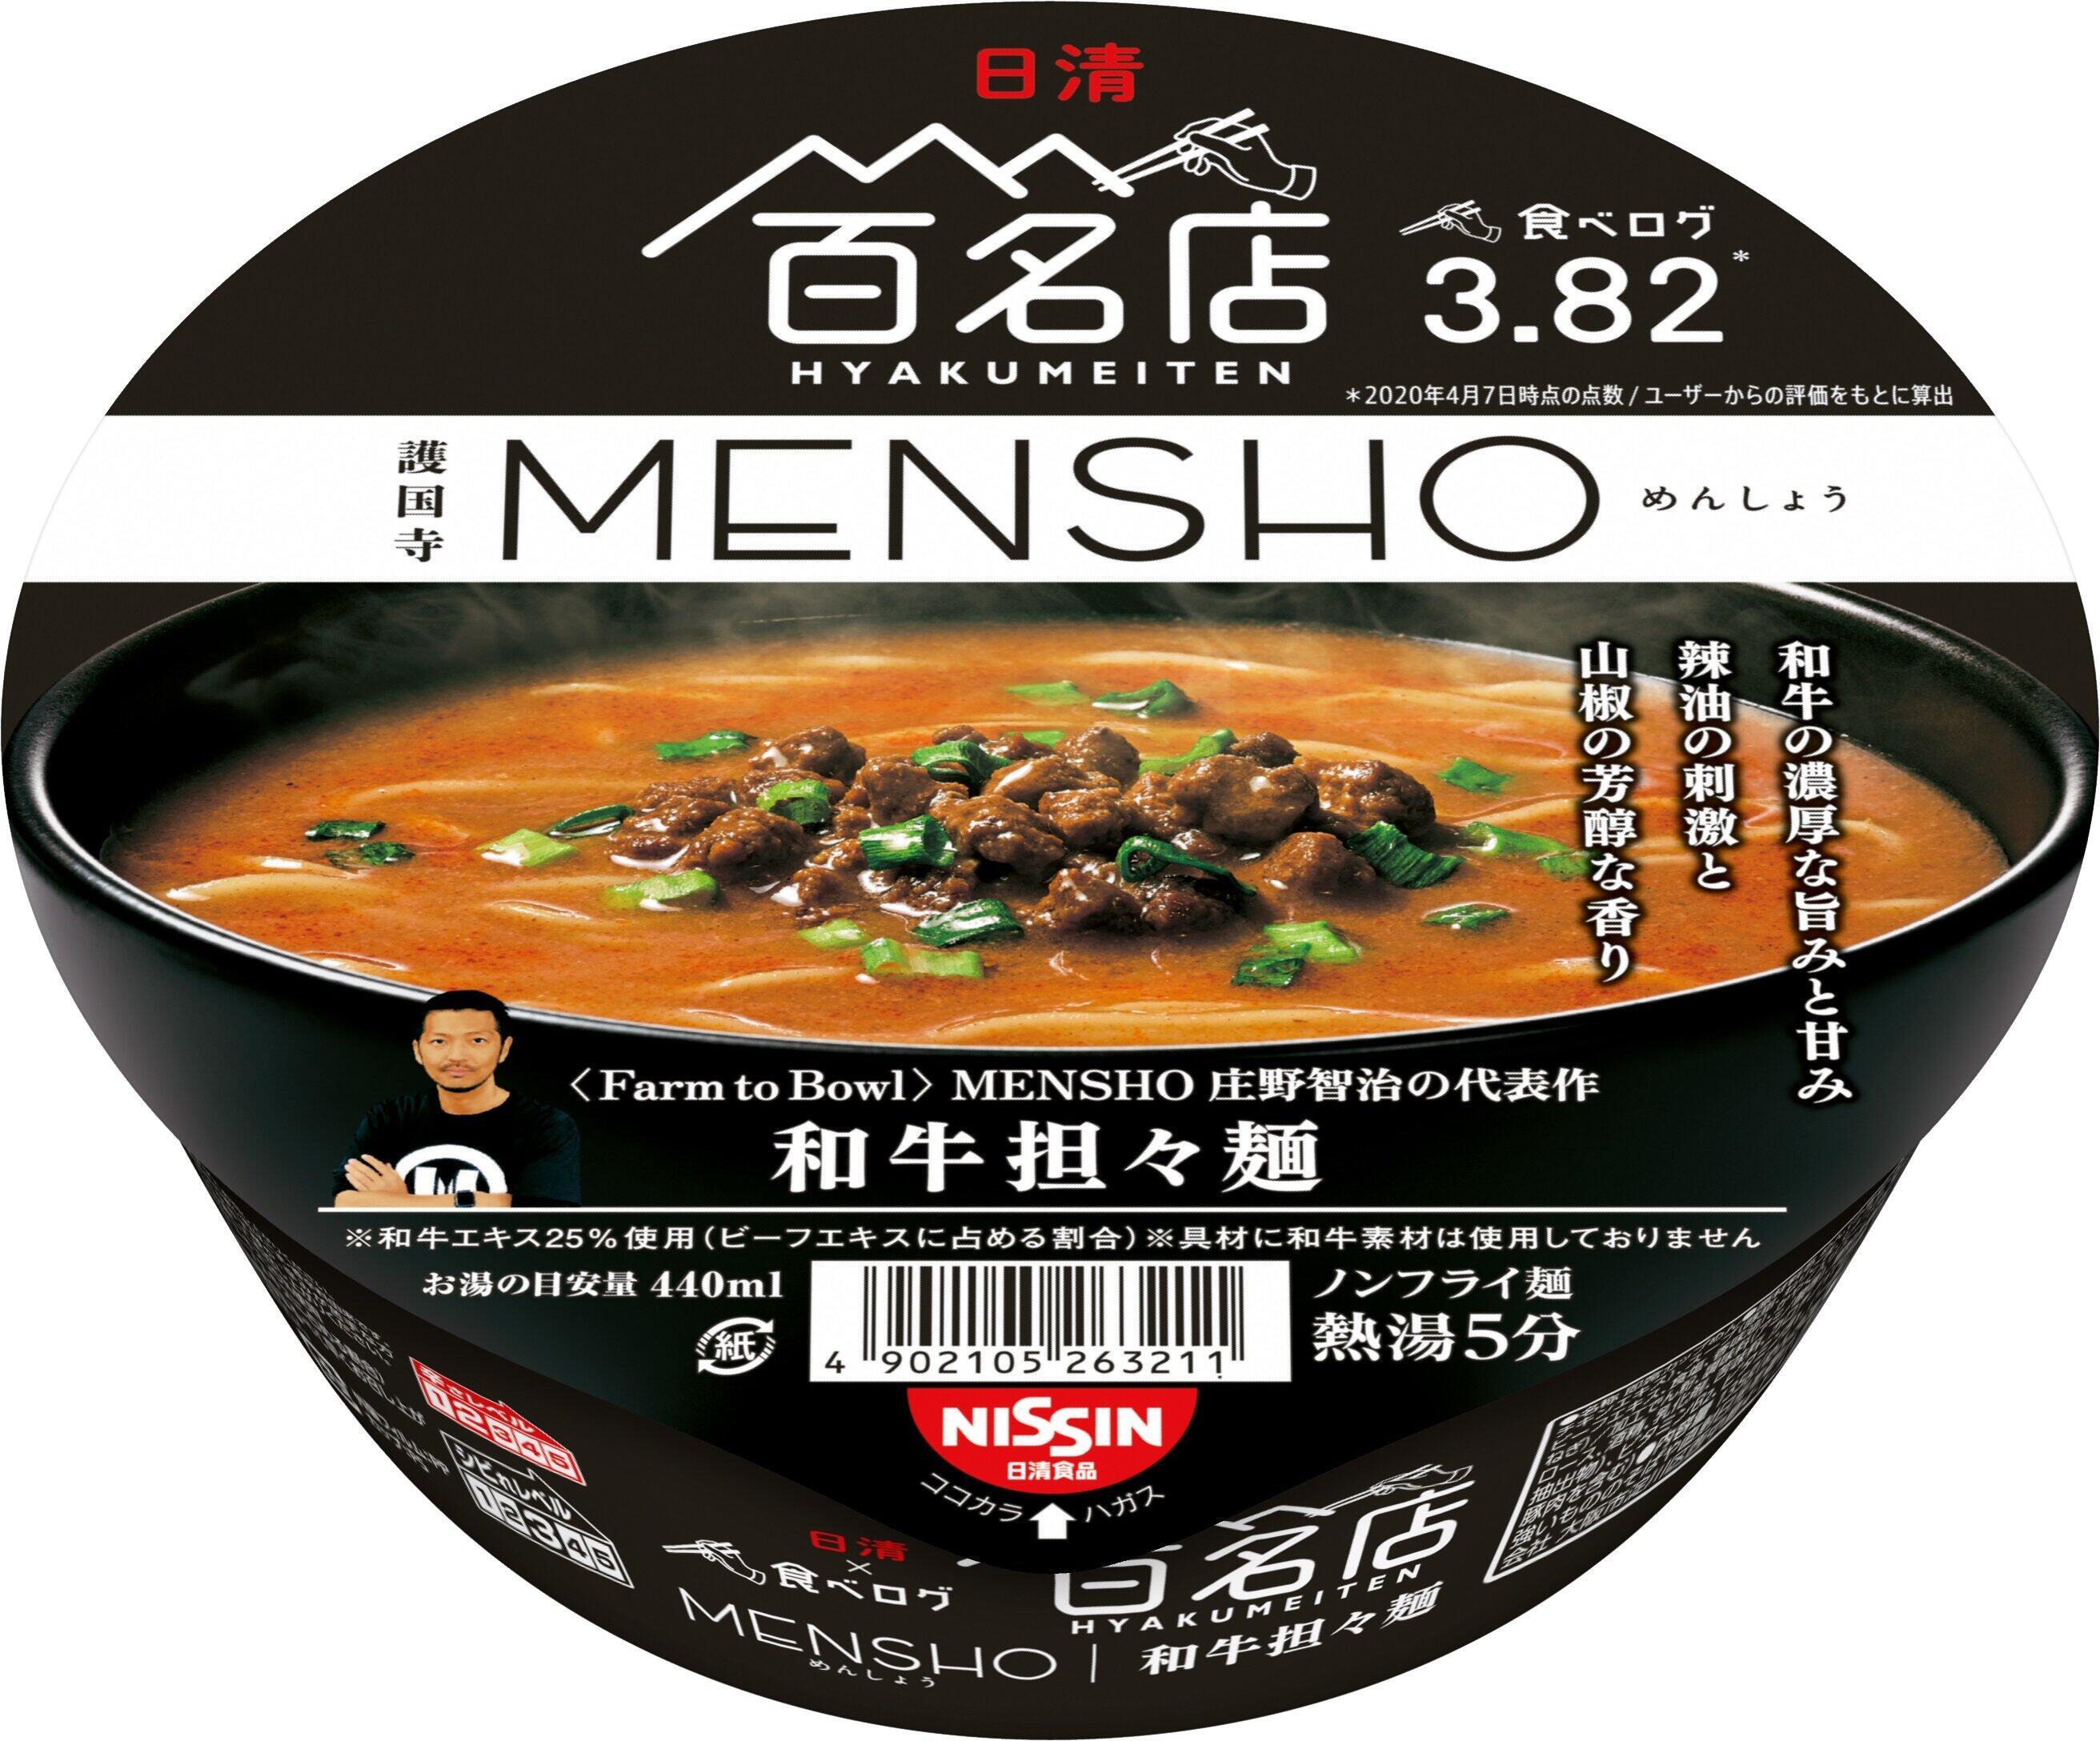 濃厚な担々スープと太麺が相性抜群